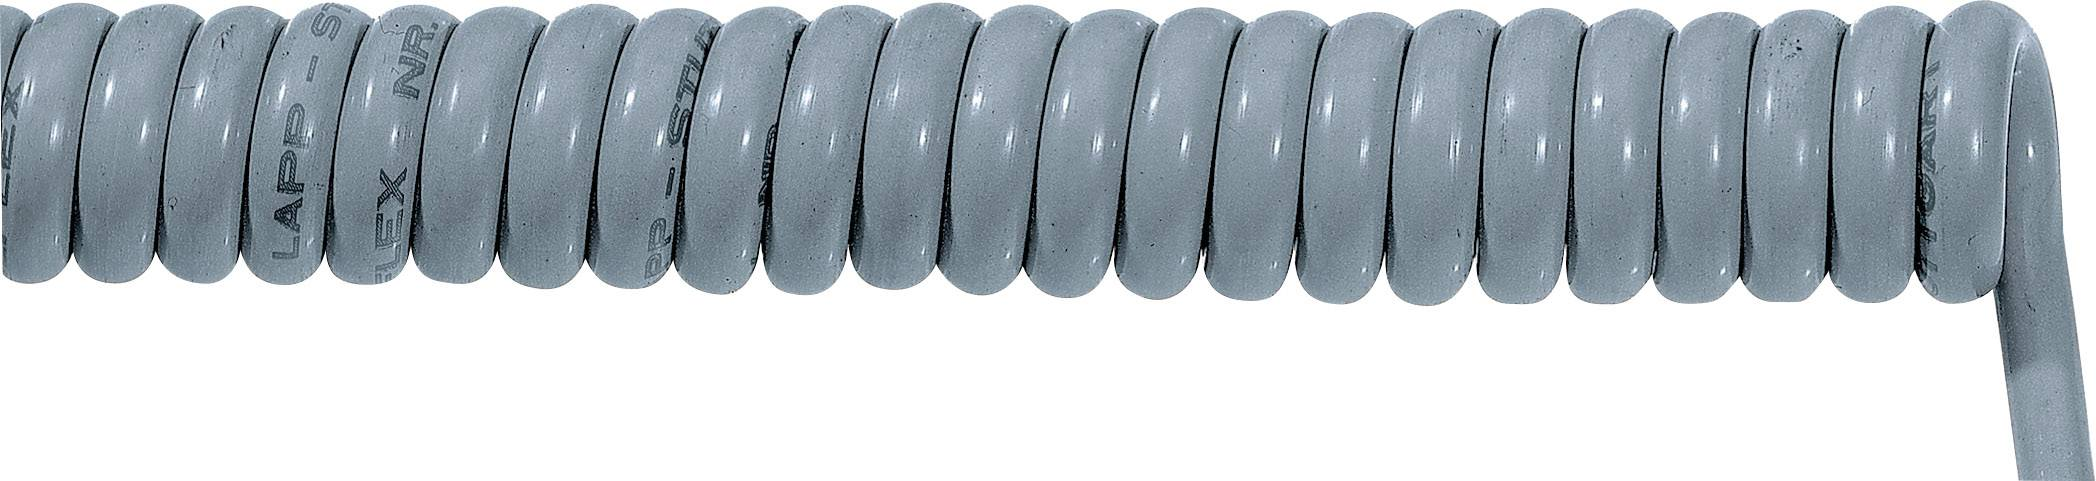 Špirálový kábel 70002643 ÖLFLEX® SPIRAL 400 P 5 x 0.75 mm², 2000 mm / 6000 mm, sivá